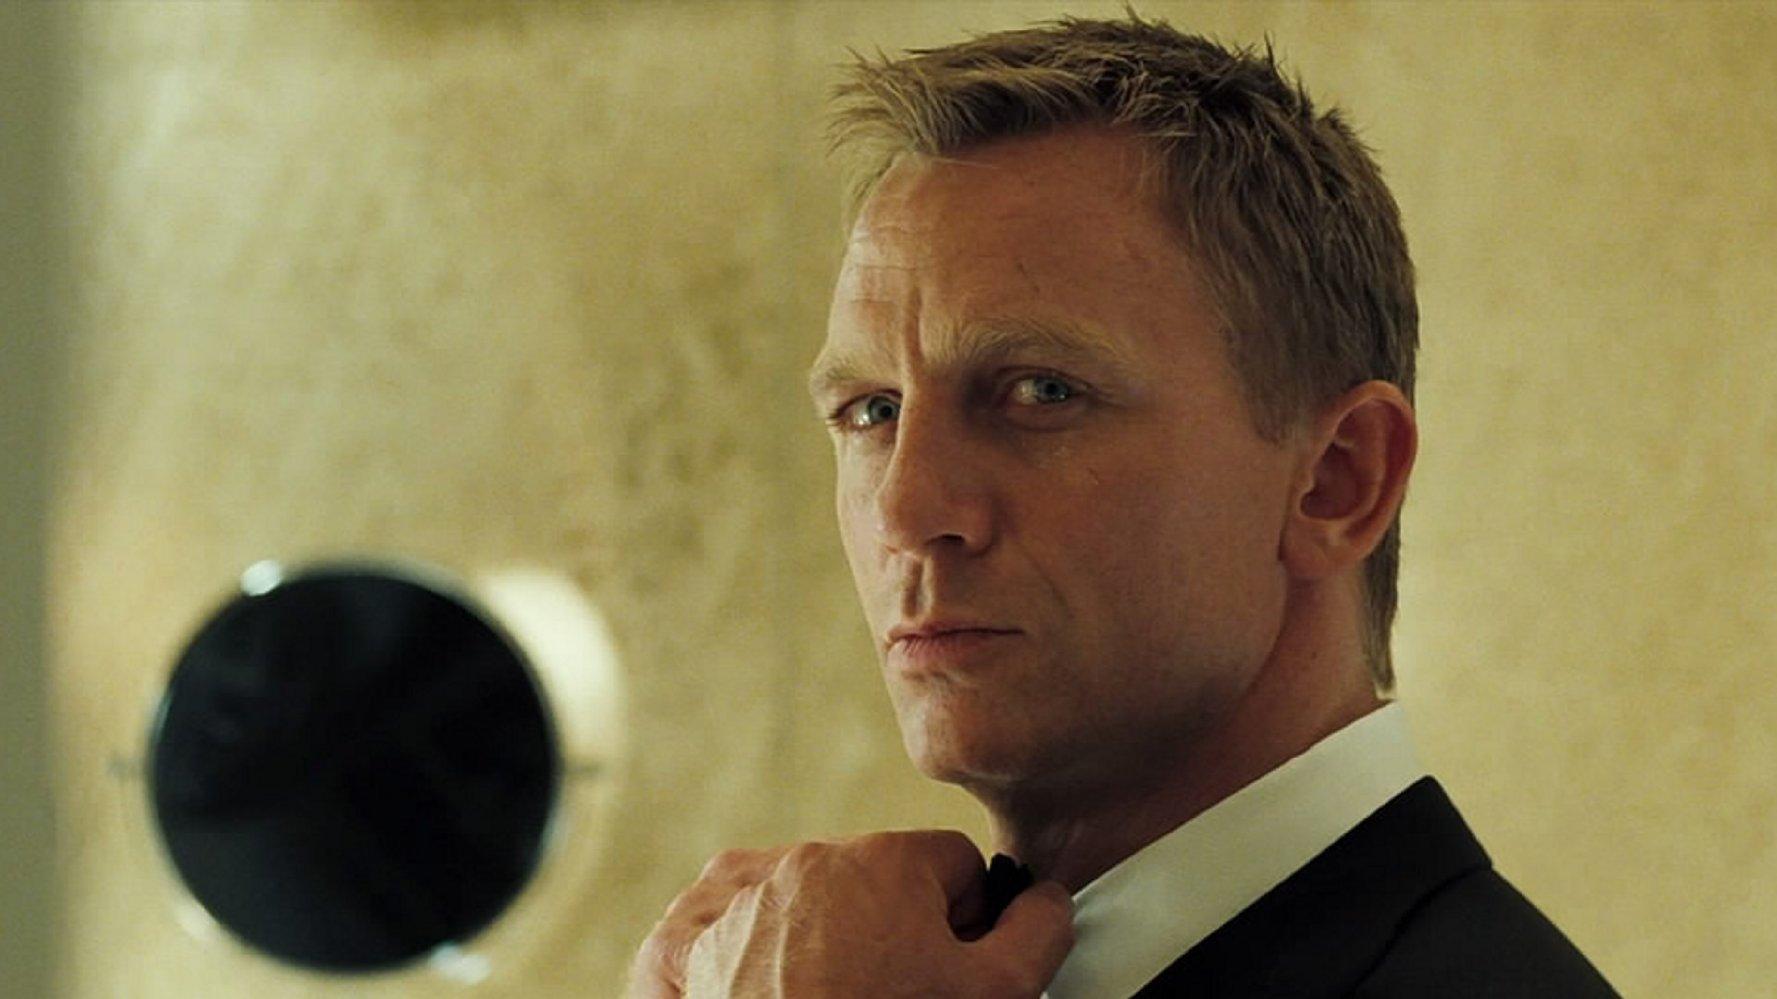 007 джеймс бонд казино